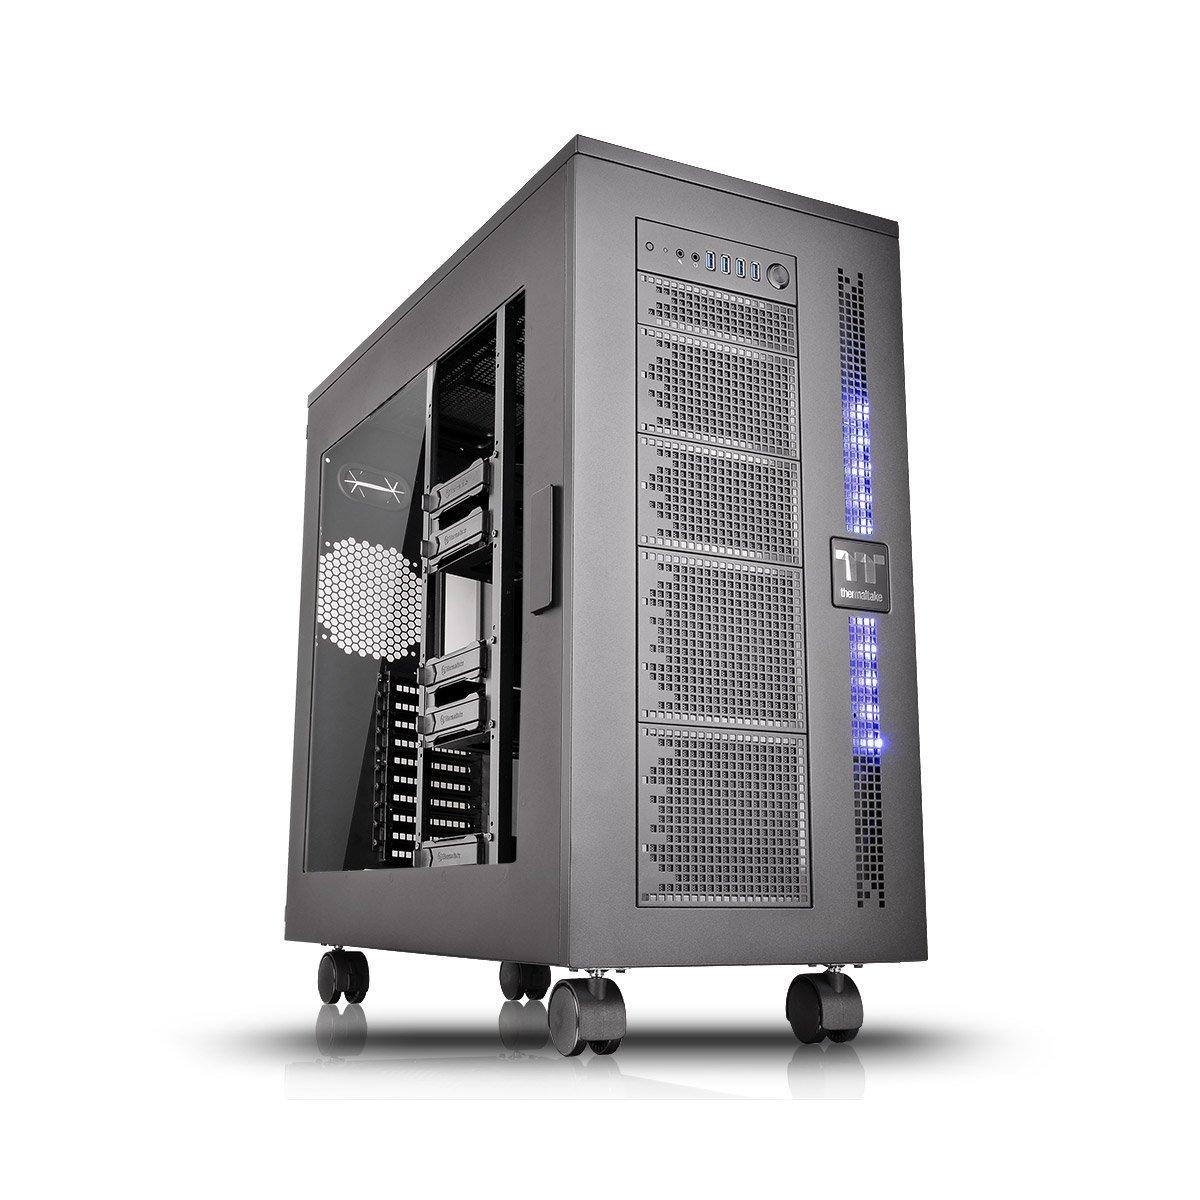 Thermaltake Core W100 Datora korpuss